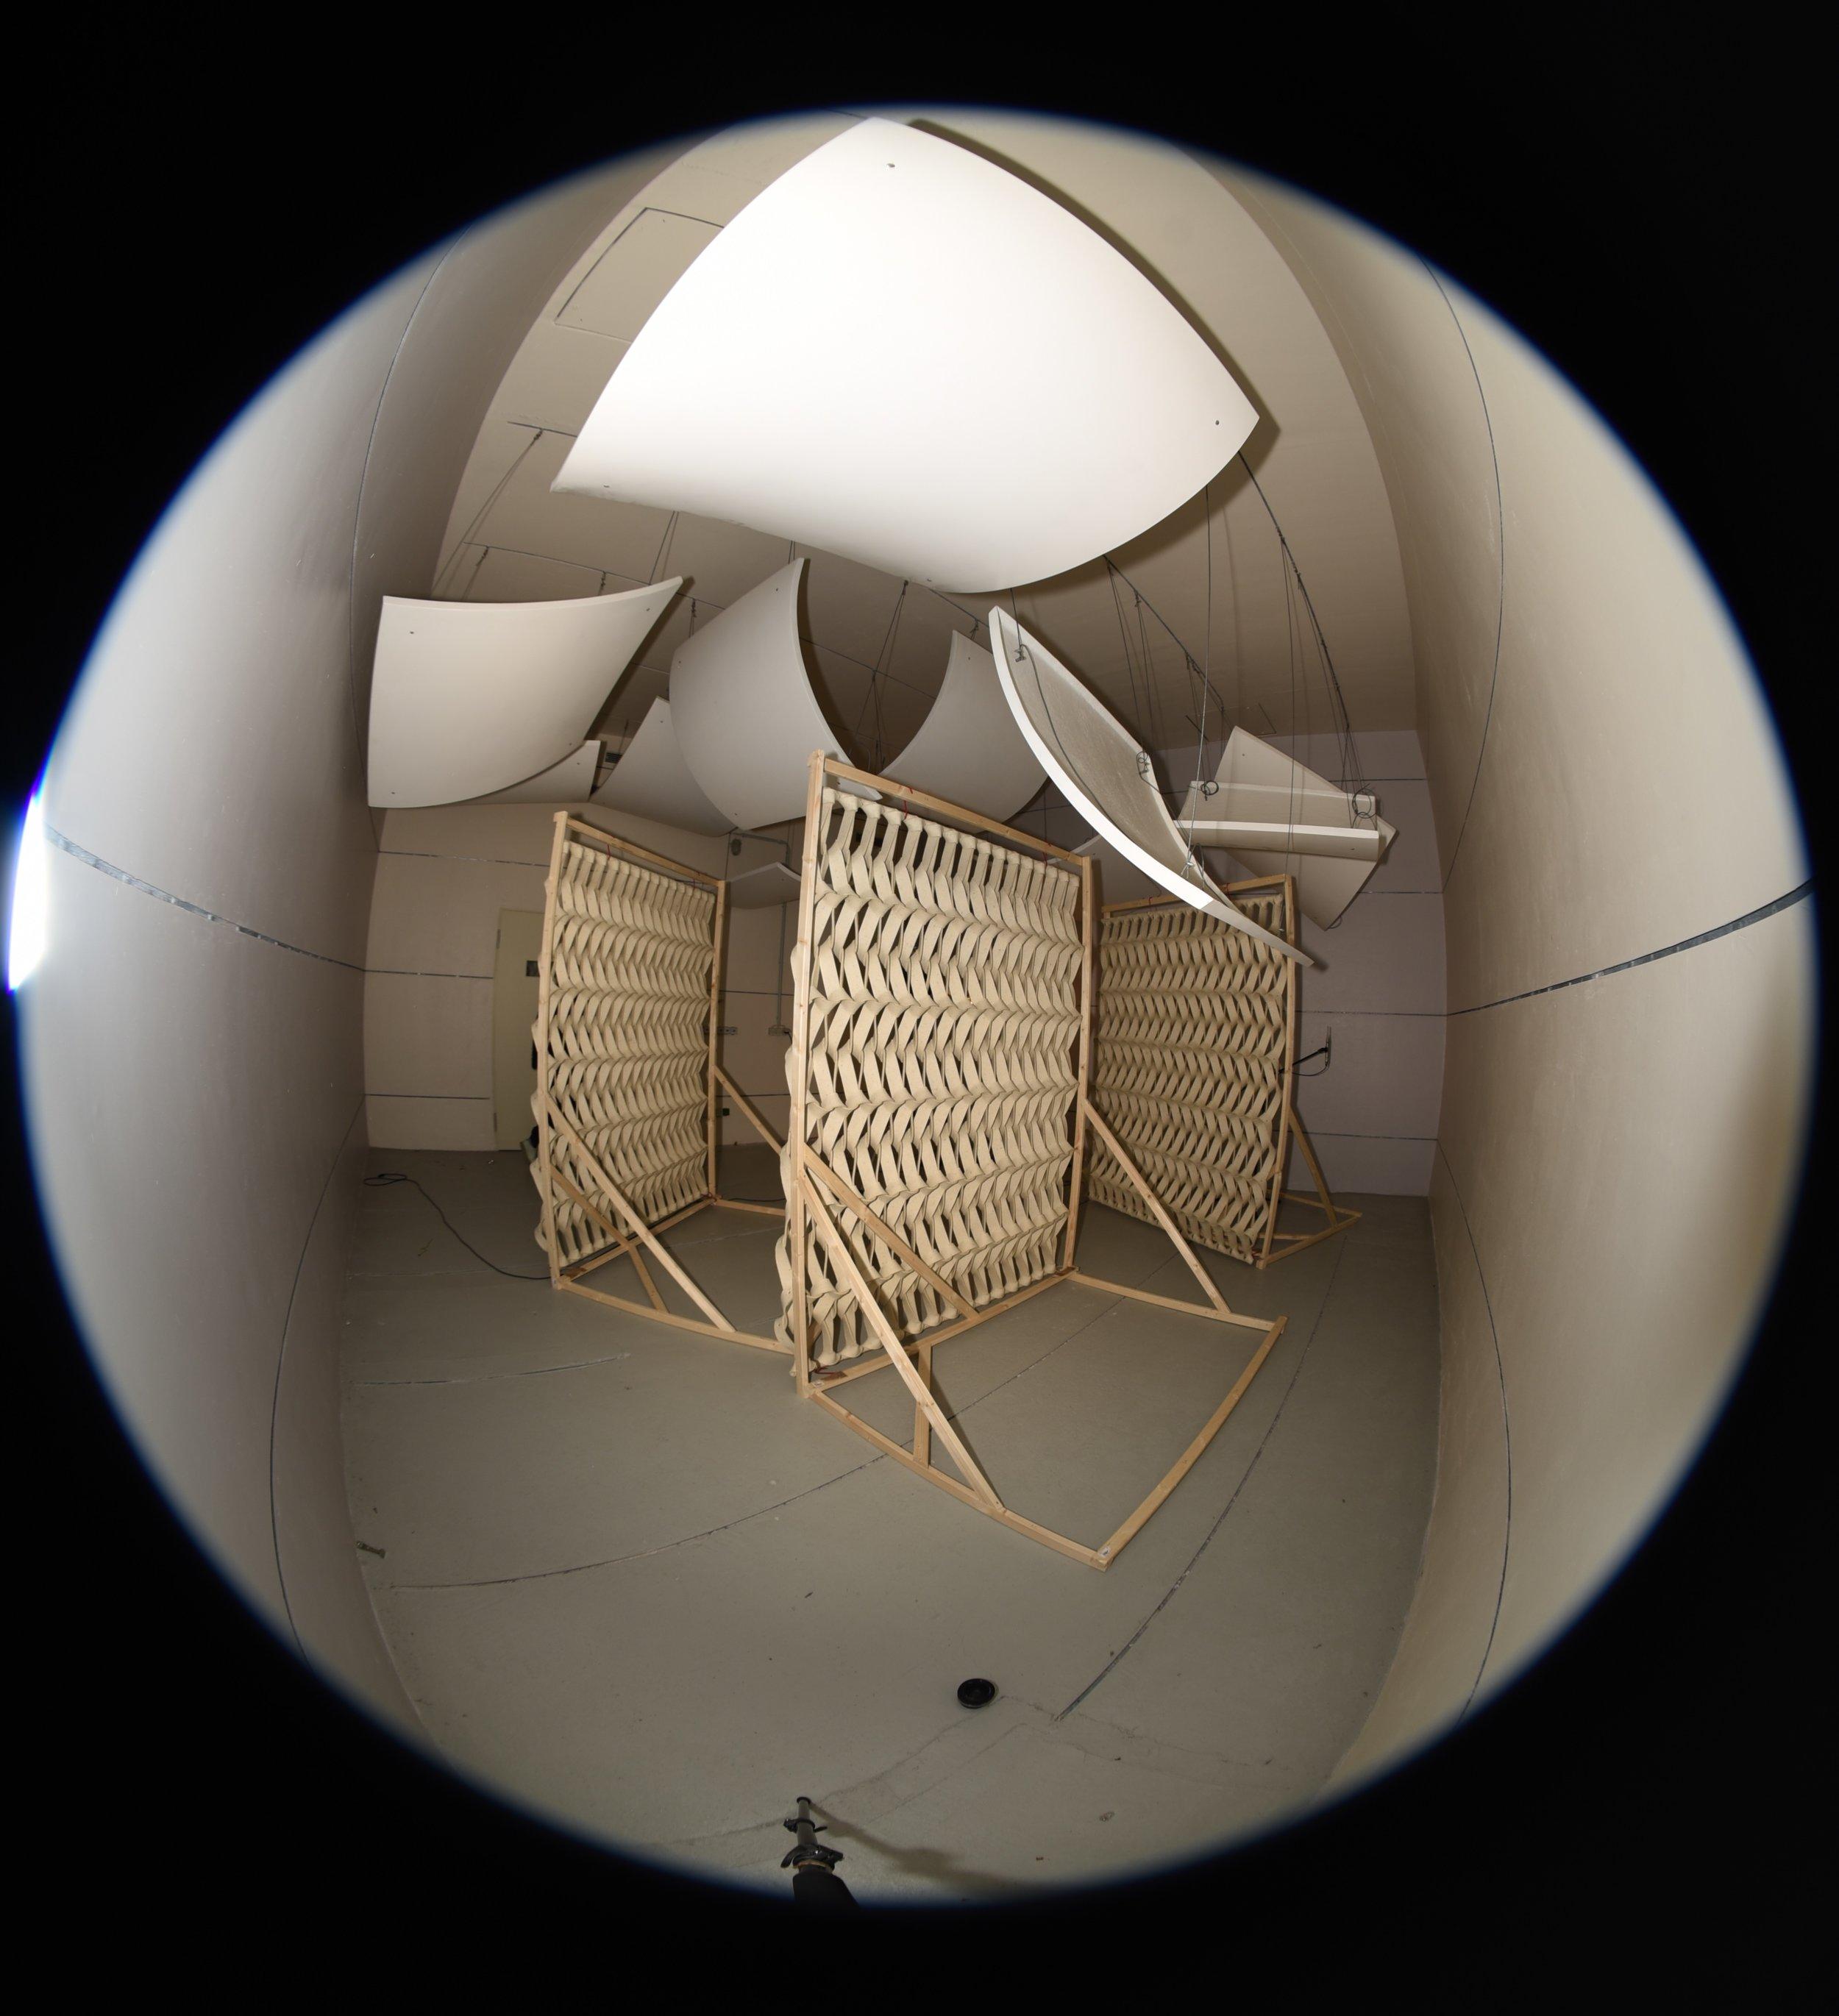 Abbildung: Beispiel der Absorptionsgradmessung mit dem Vorhangstoff  Plectere von Petra Vonk  im Hallraum des Staatlichen Instituts für Musikforschung.